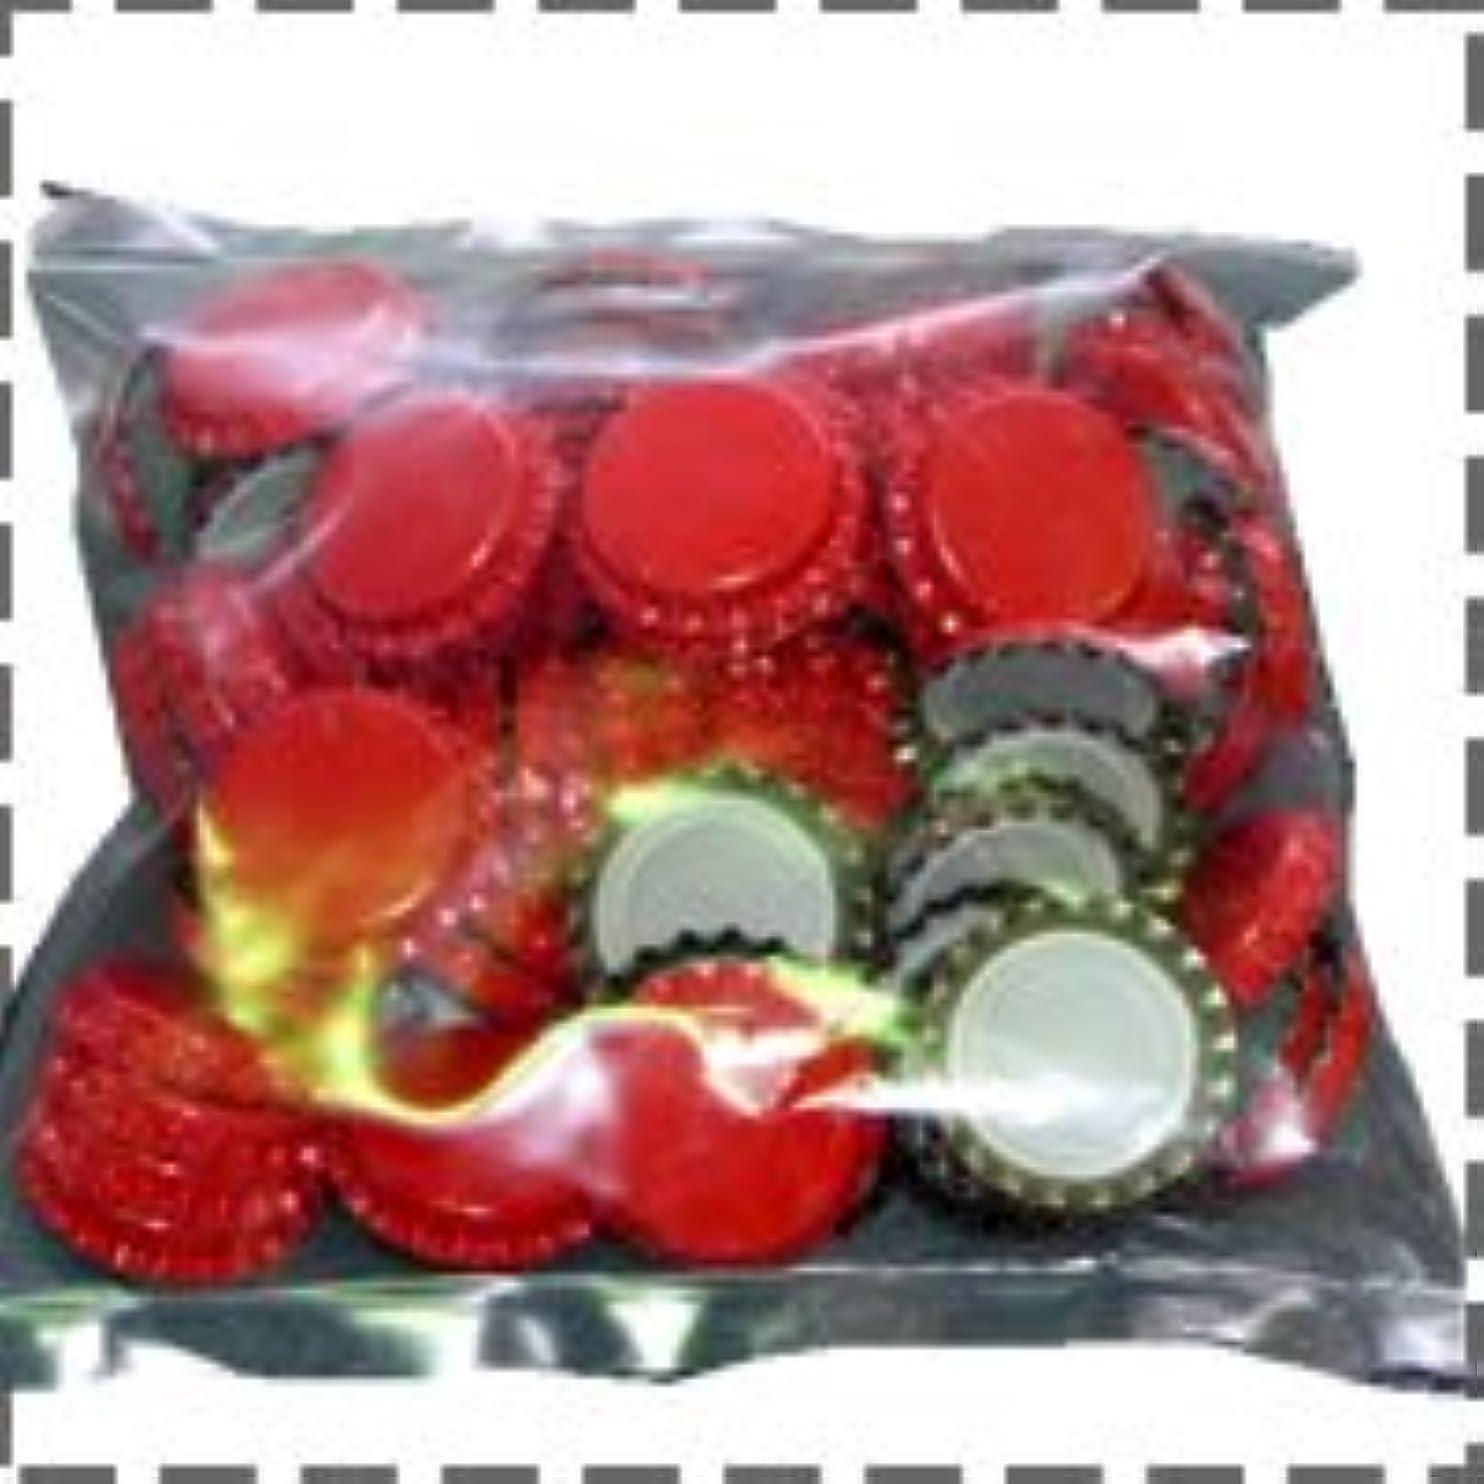 質素な味わうドーム王冠 赤 100個入り (ベルギー製)